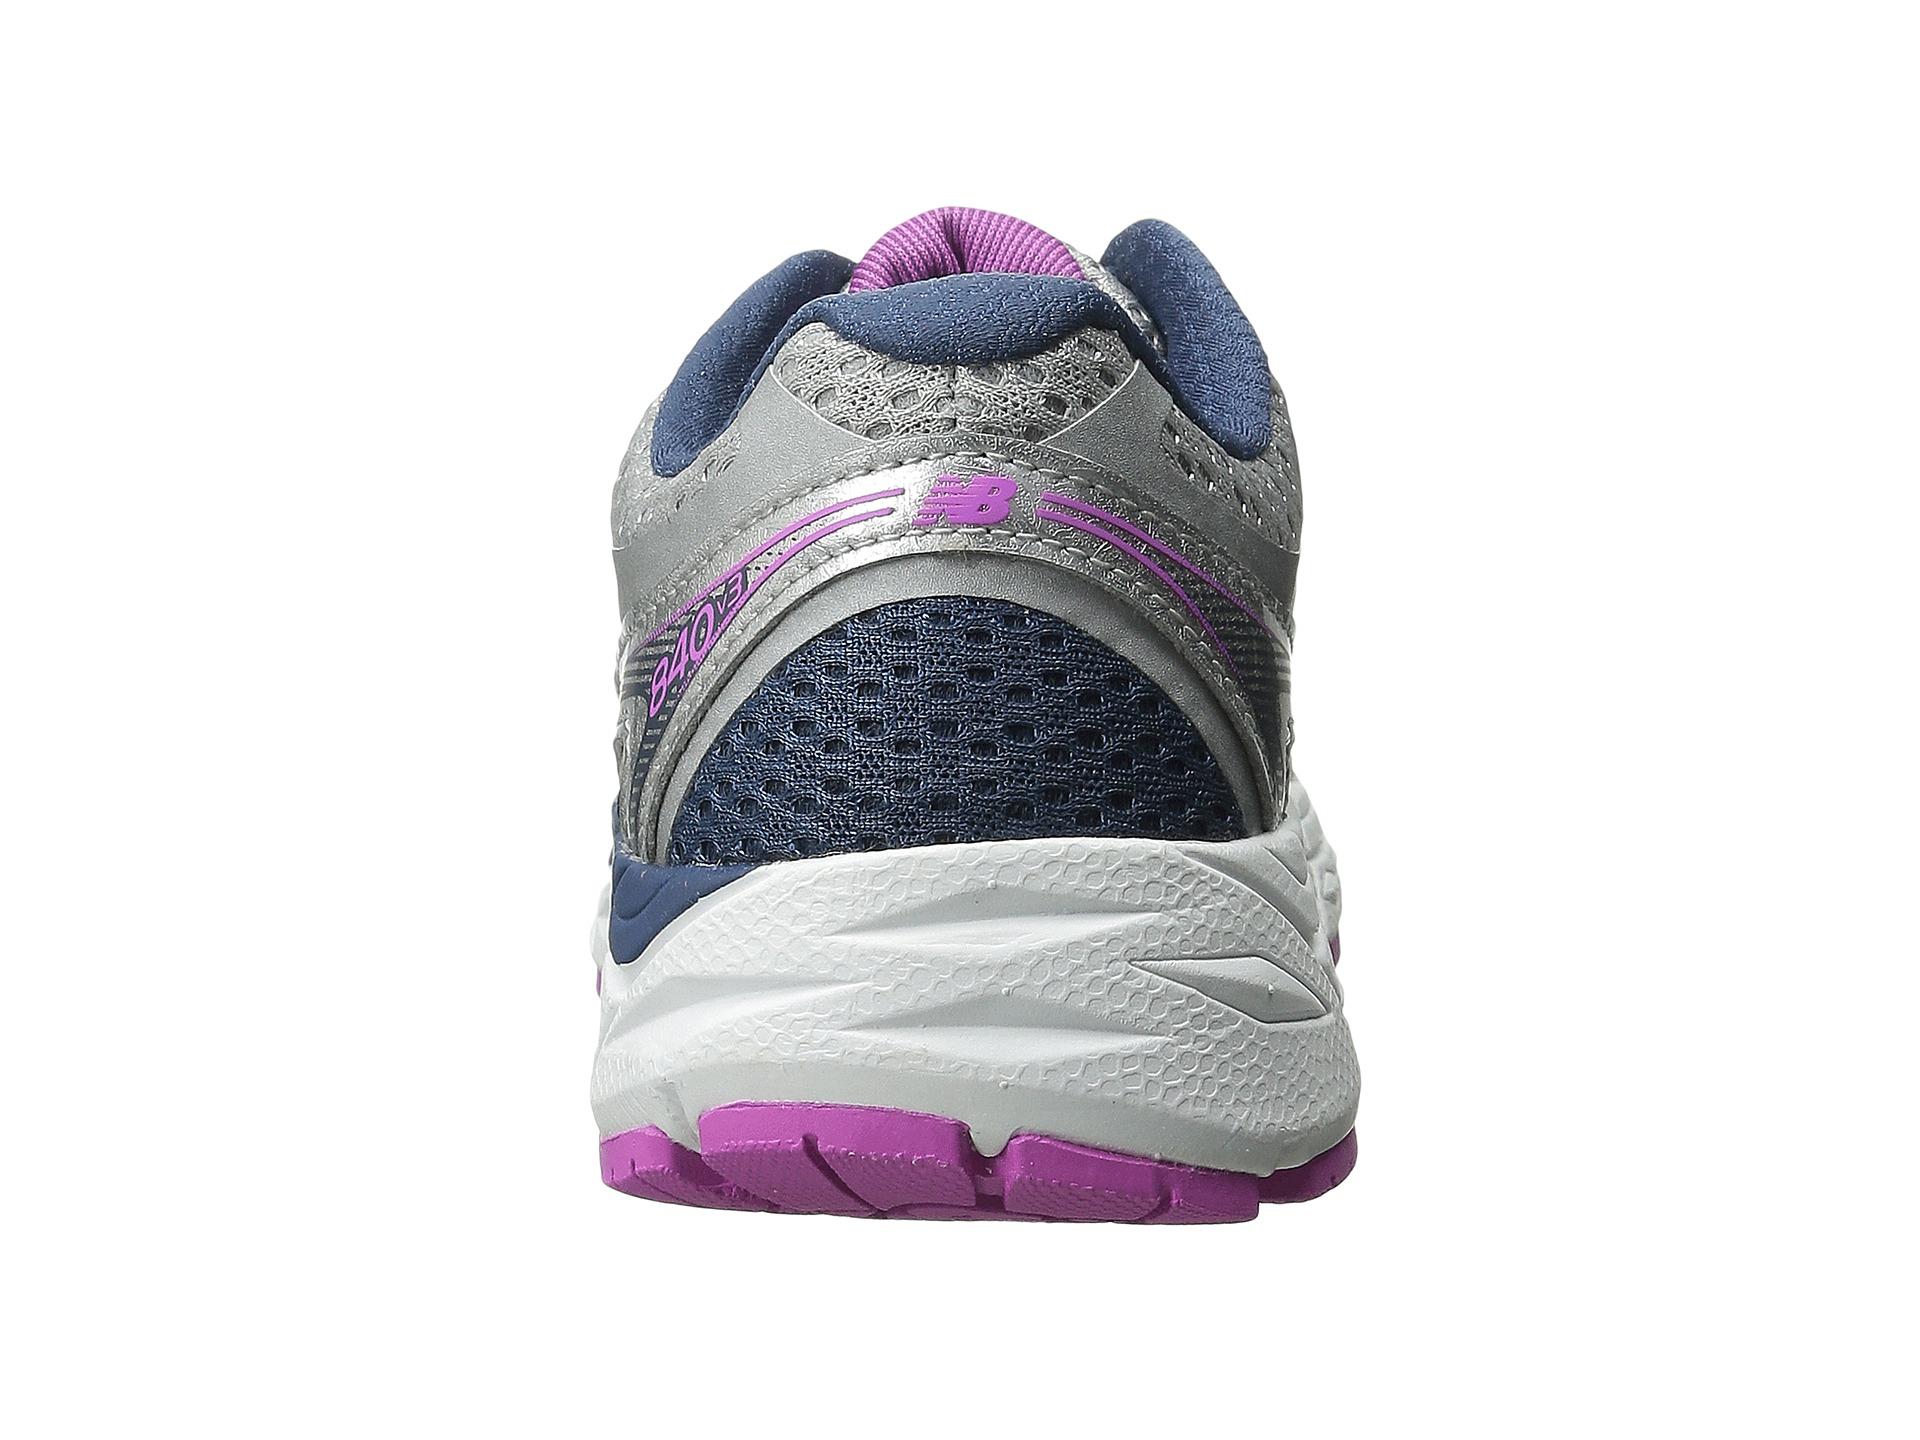 New Balance  Shoe Lace Length